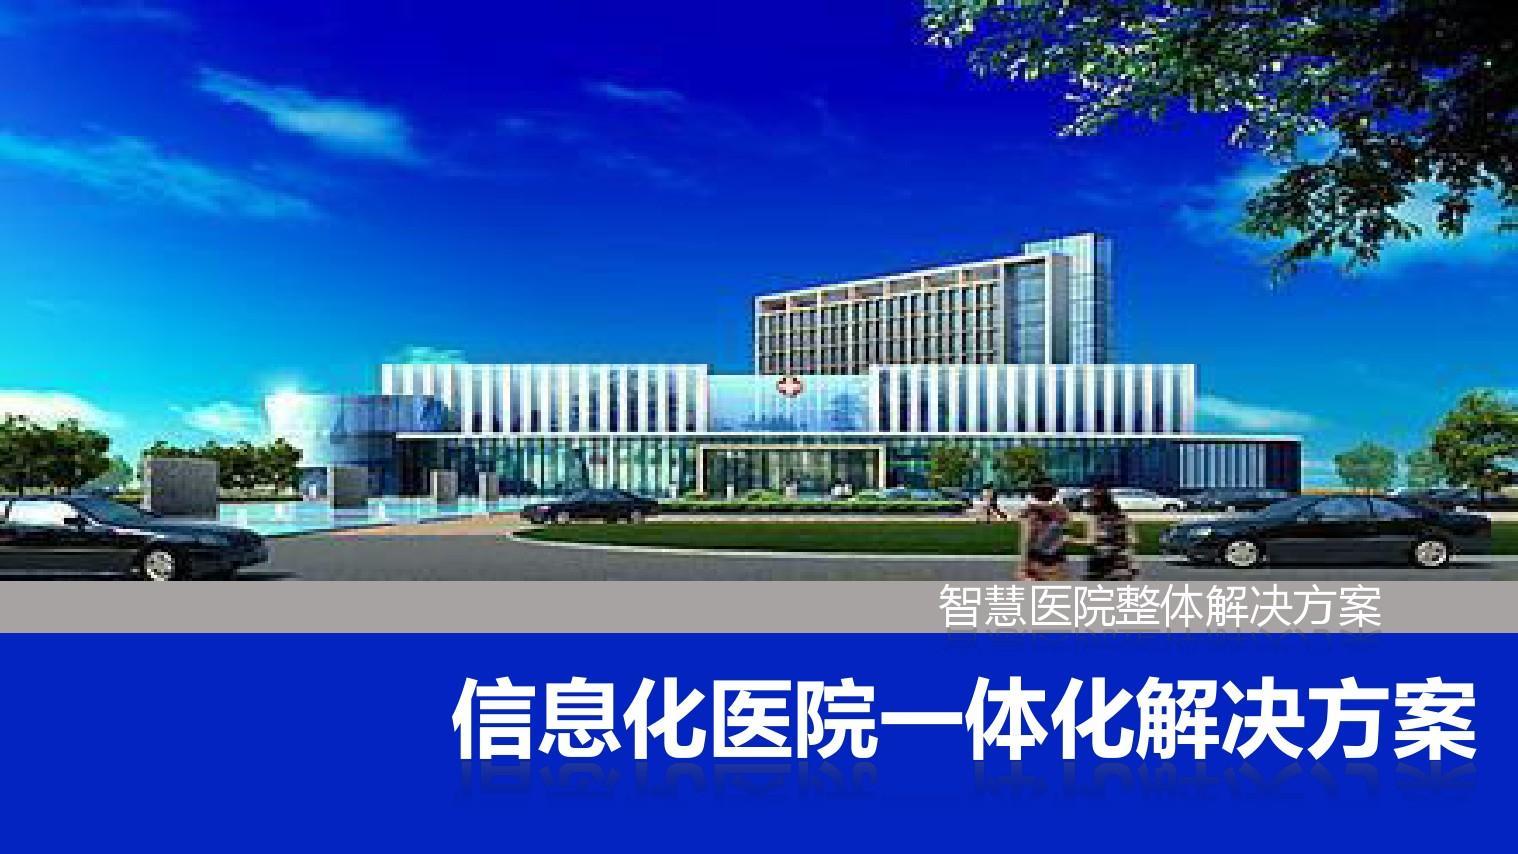 智慧医院整体解决方案(医院信息化建设)PPT